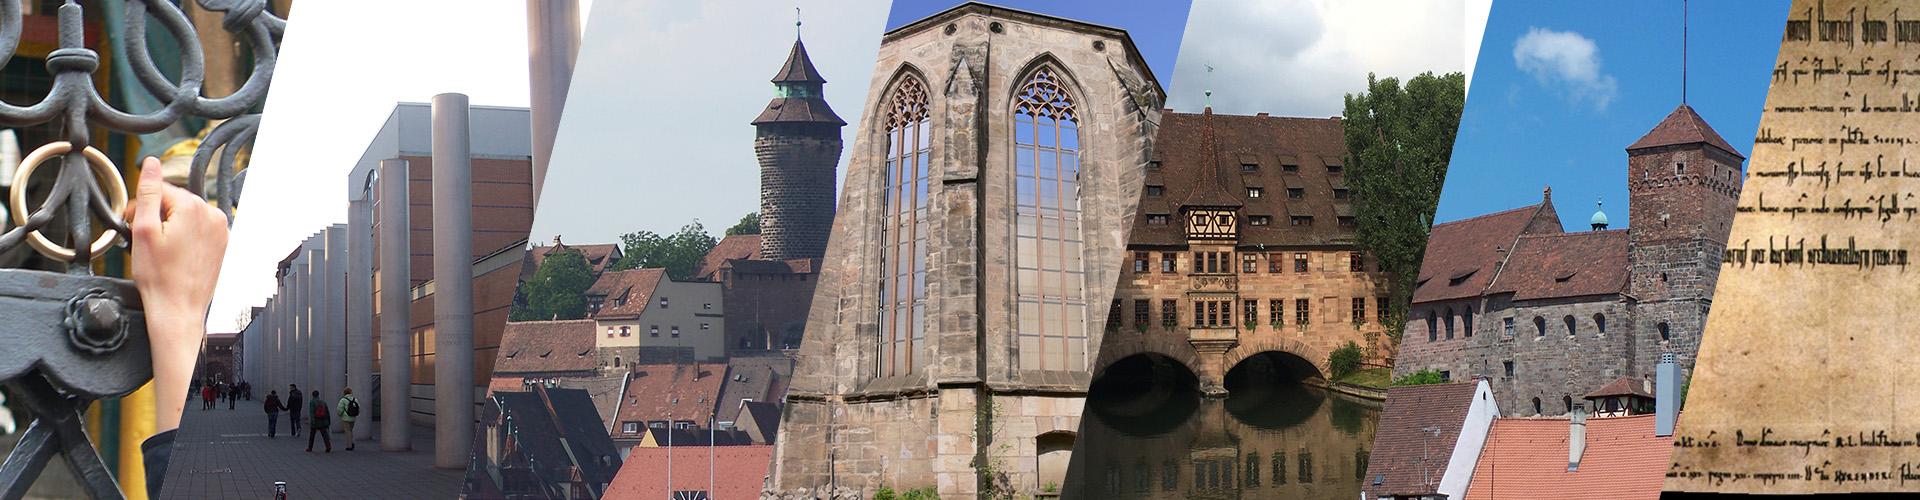 Ring am Schönen Brunnen, Straße der Menschenrechte, Sinwellturm, Katharinenkloster, Heilig-Geist-Spital, Burggrafenburg, Sigenaurkunde